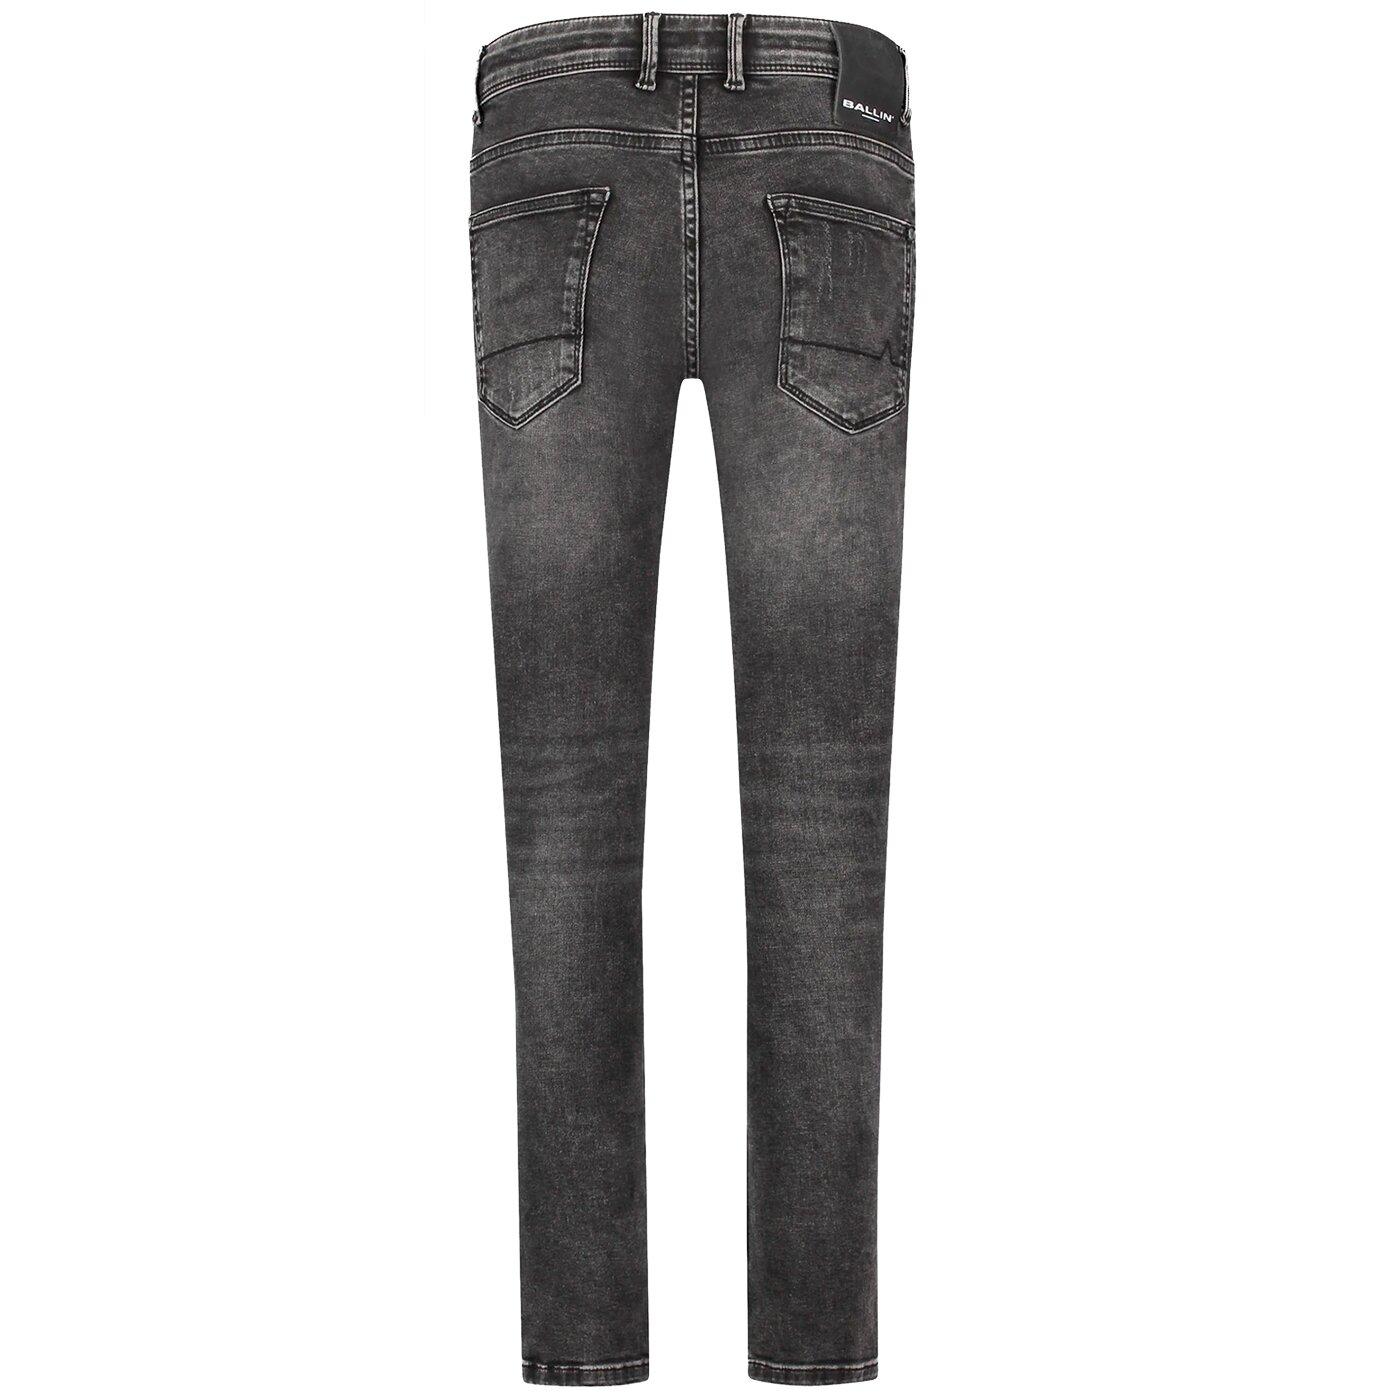 Ballin Diago K0011 Jeans Dark Grey